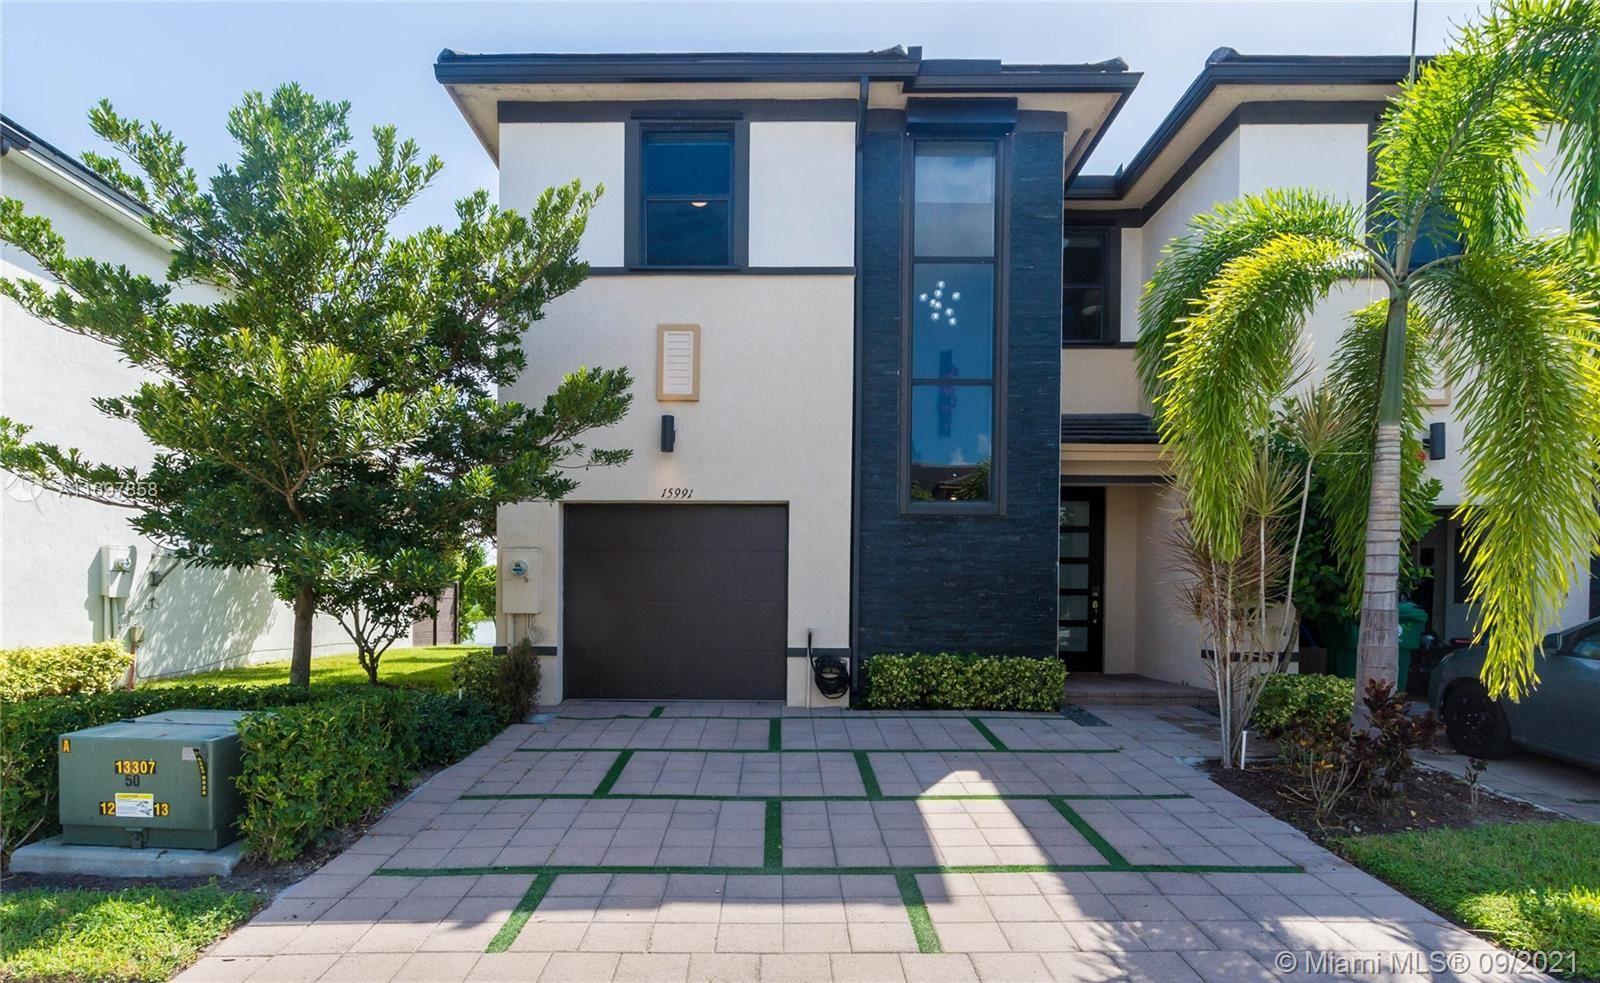 15991 NW 91st Ct, Miami Lakes, FL 33018 - #: A11097858